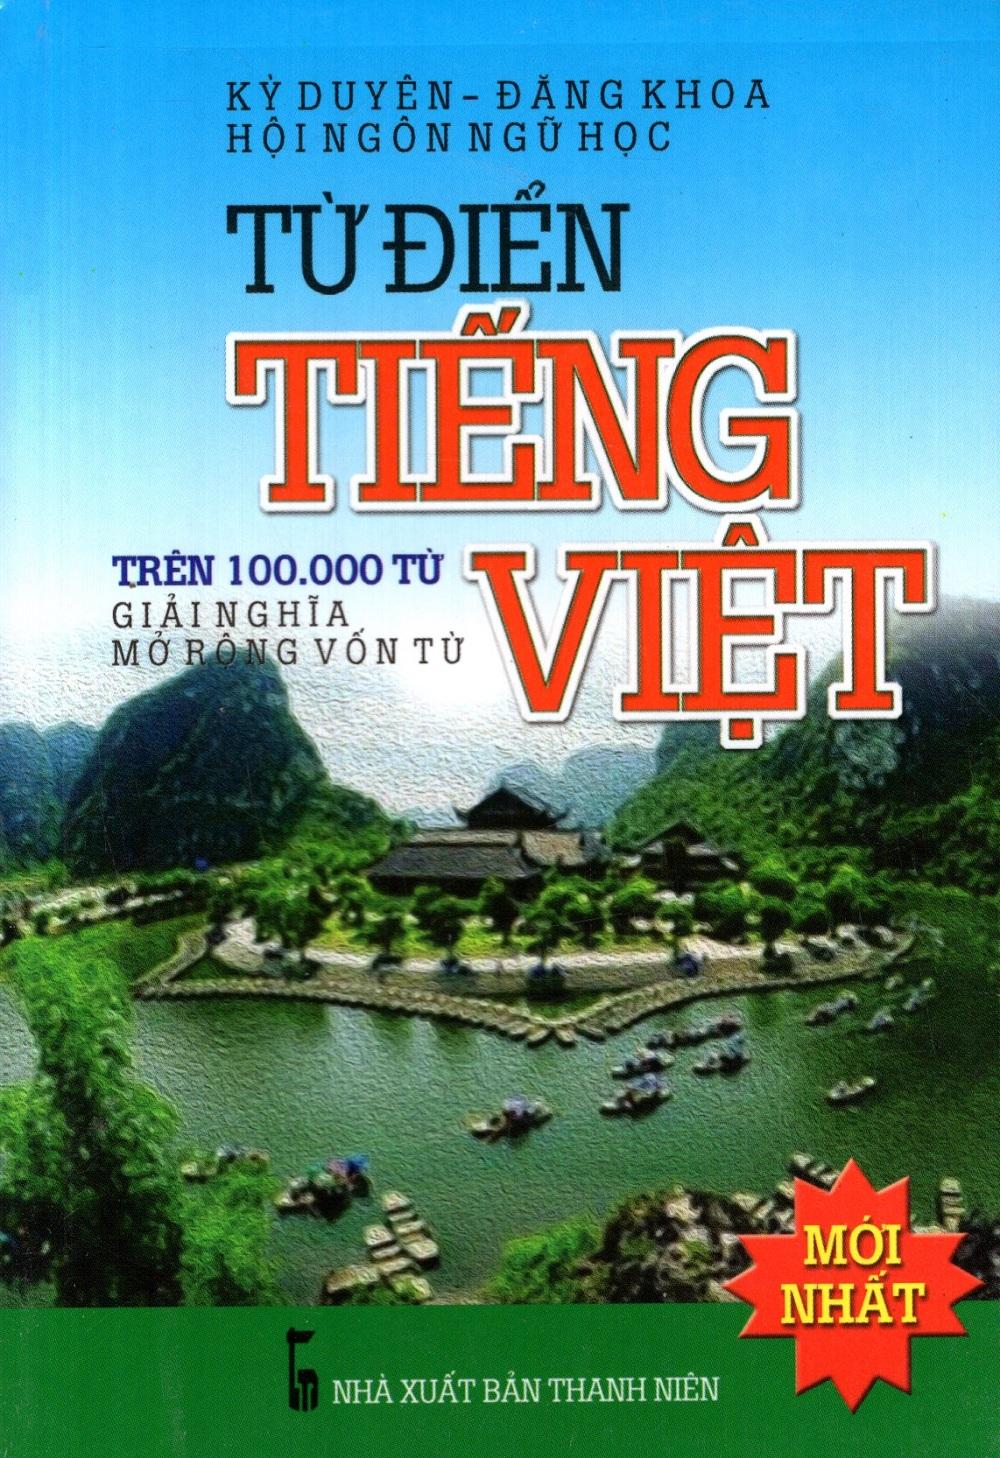 Bìa sách Từ Điển Tiếng Việt (Trên 100.000 Từ) - Sách Bỏ Túi